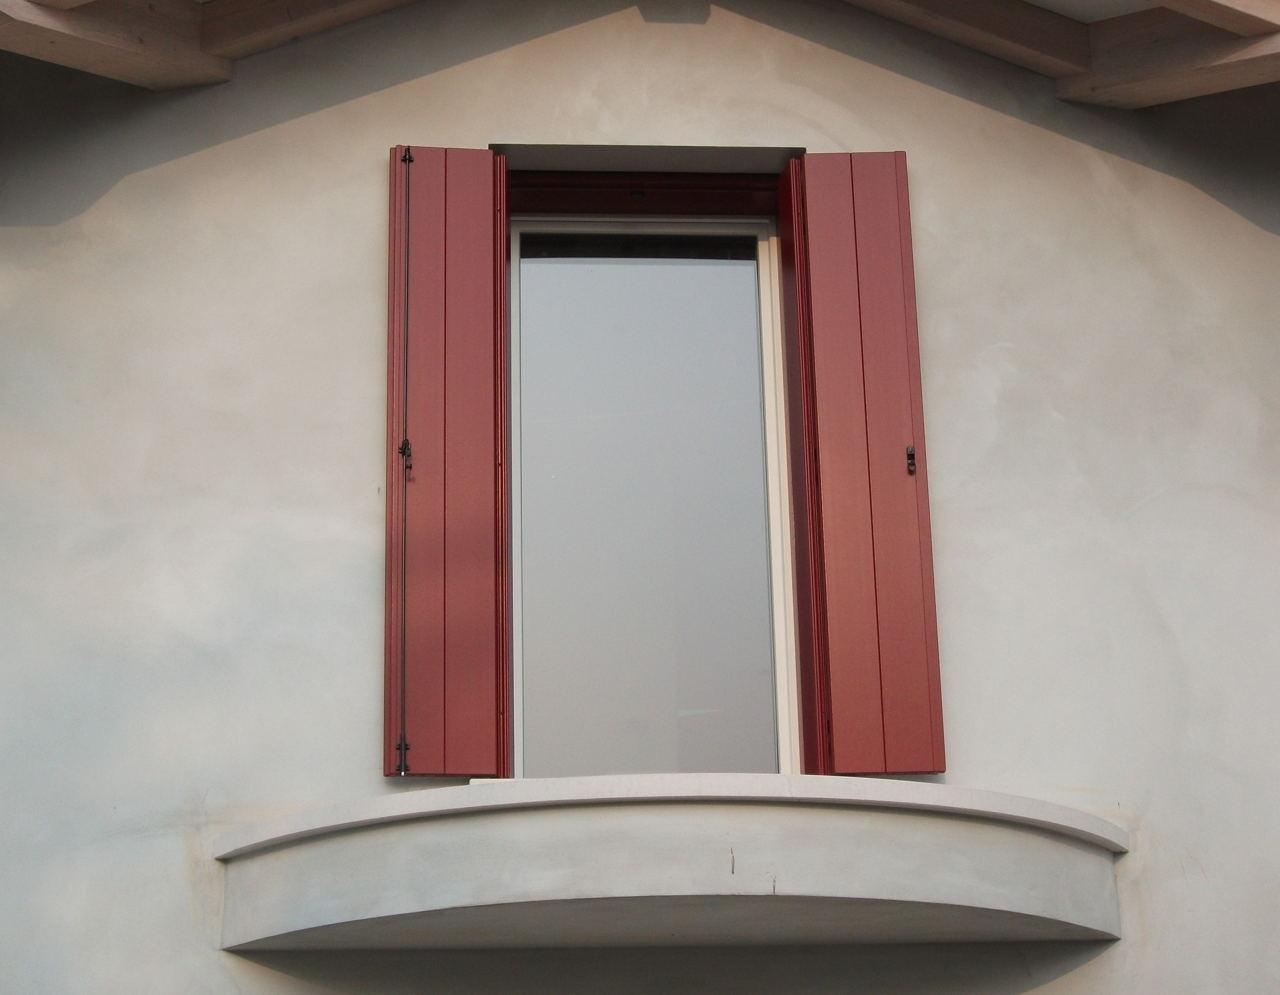 Contatti Ufficio Linea Emme Serramenti Realizzazioni In Pvc Finestre E Porte 13